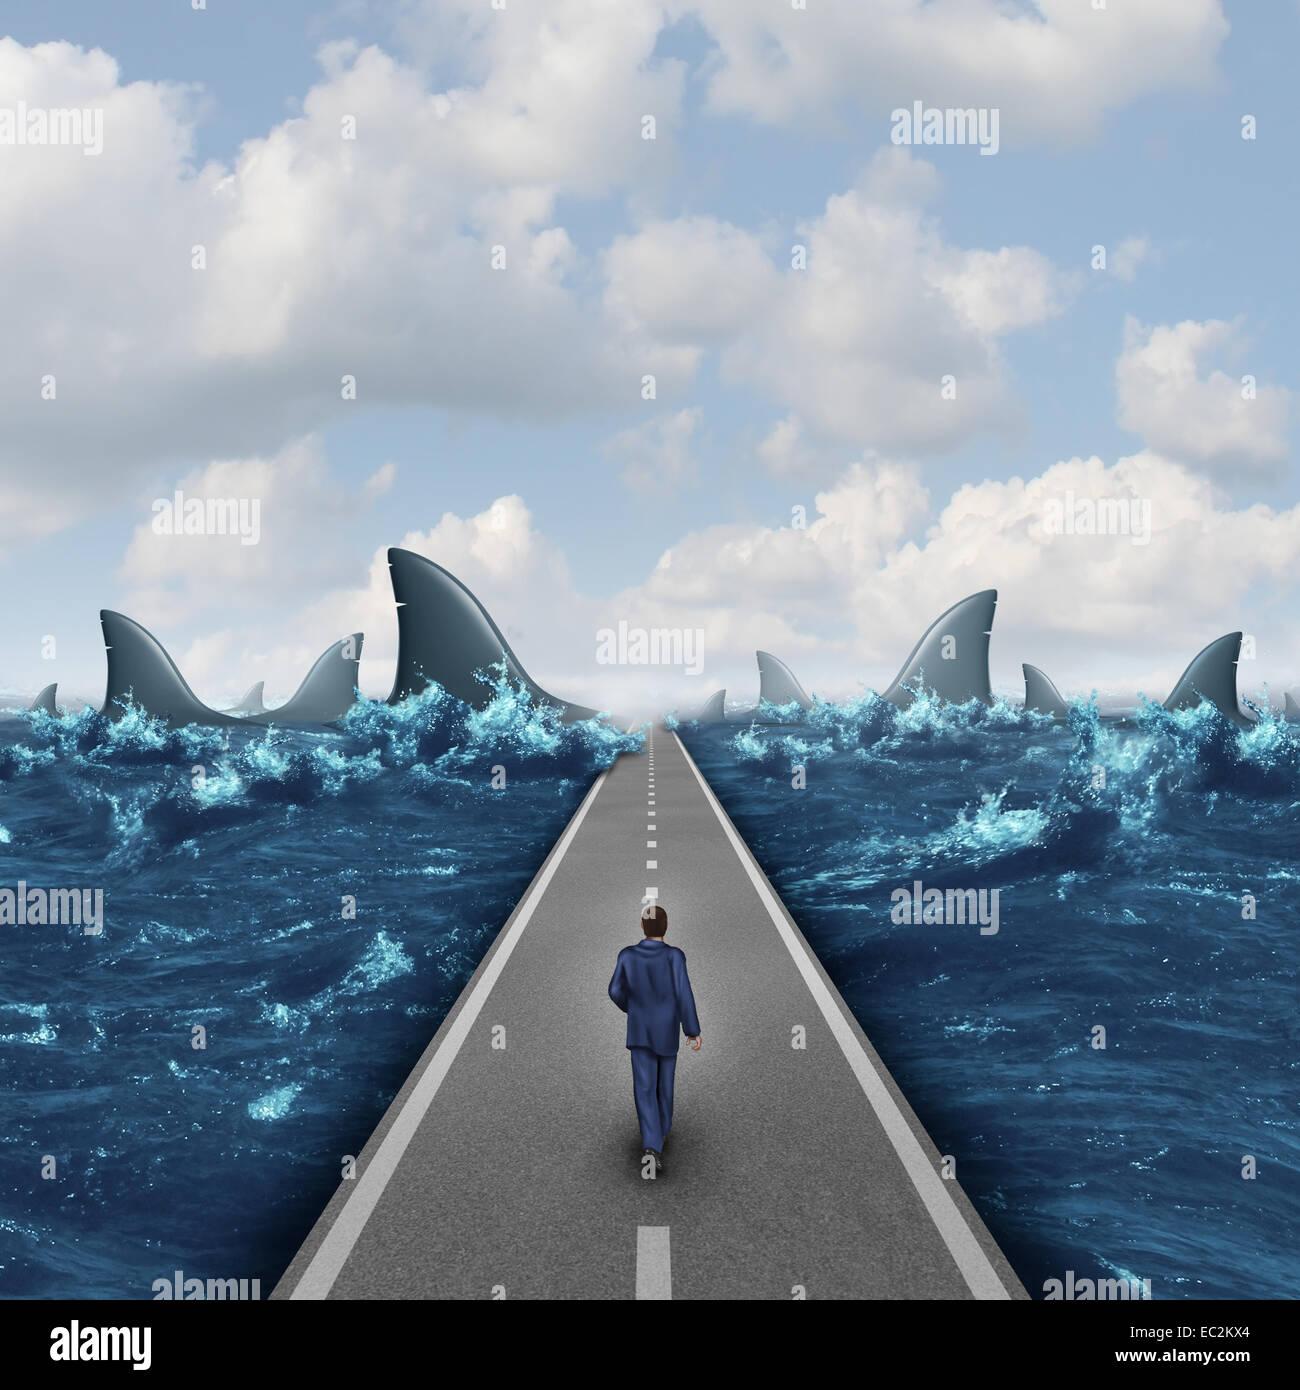 Als ein Mann zu Fuß auf einer geraden Straße gegenüber einer Gruppe von gefährlichen Haien als Stockbild